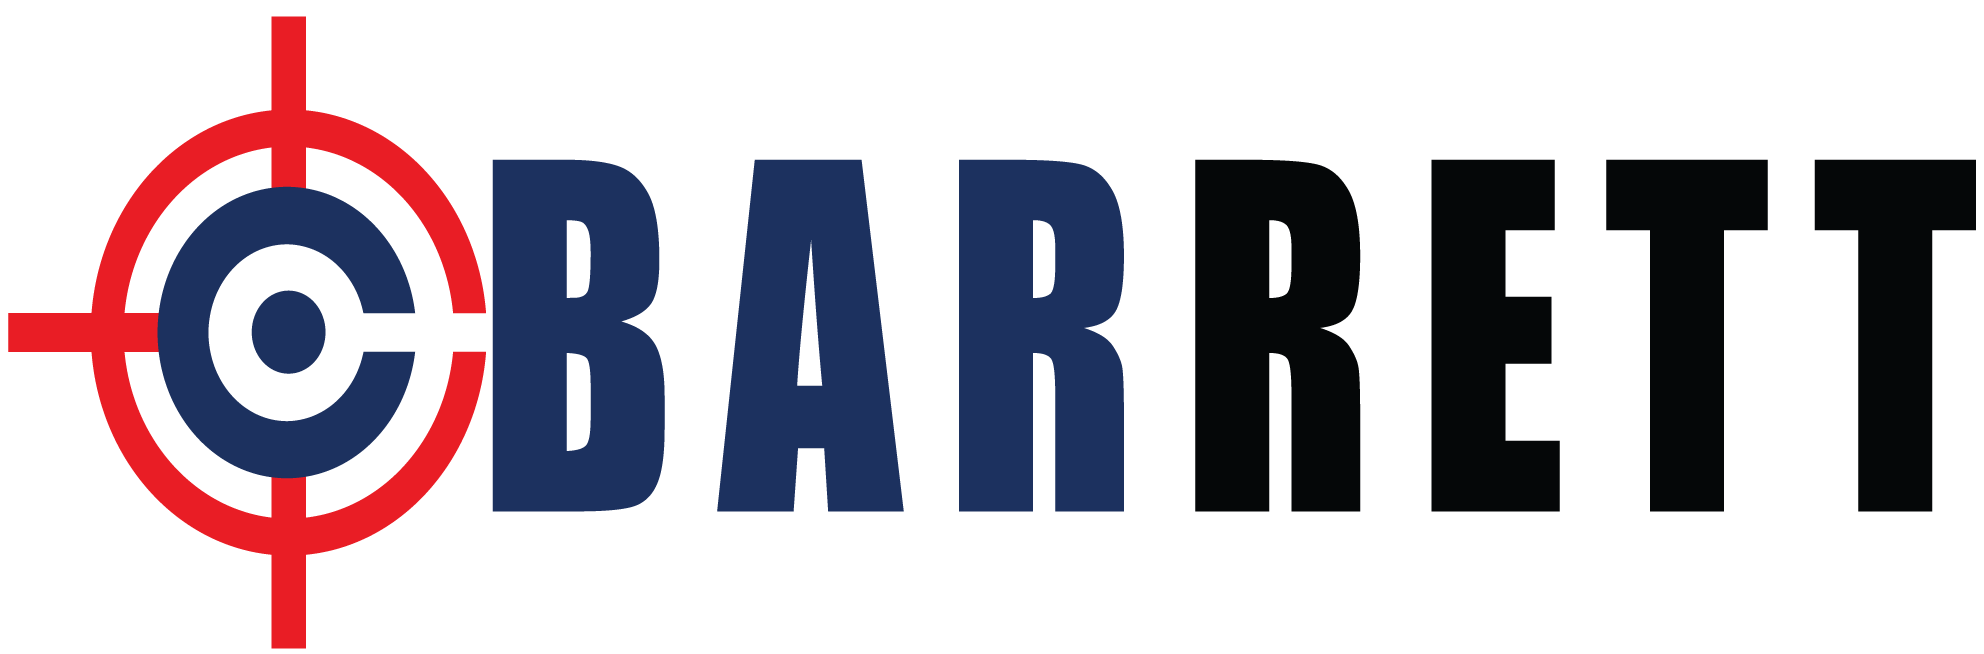 Barrett Firearms Store